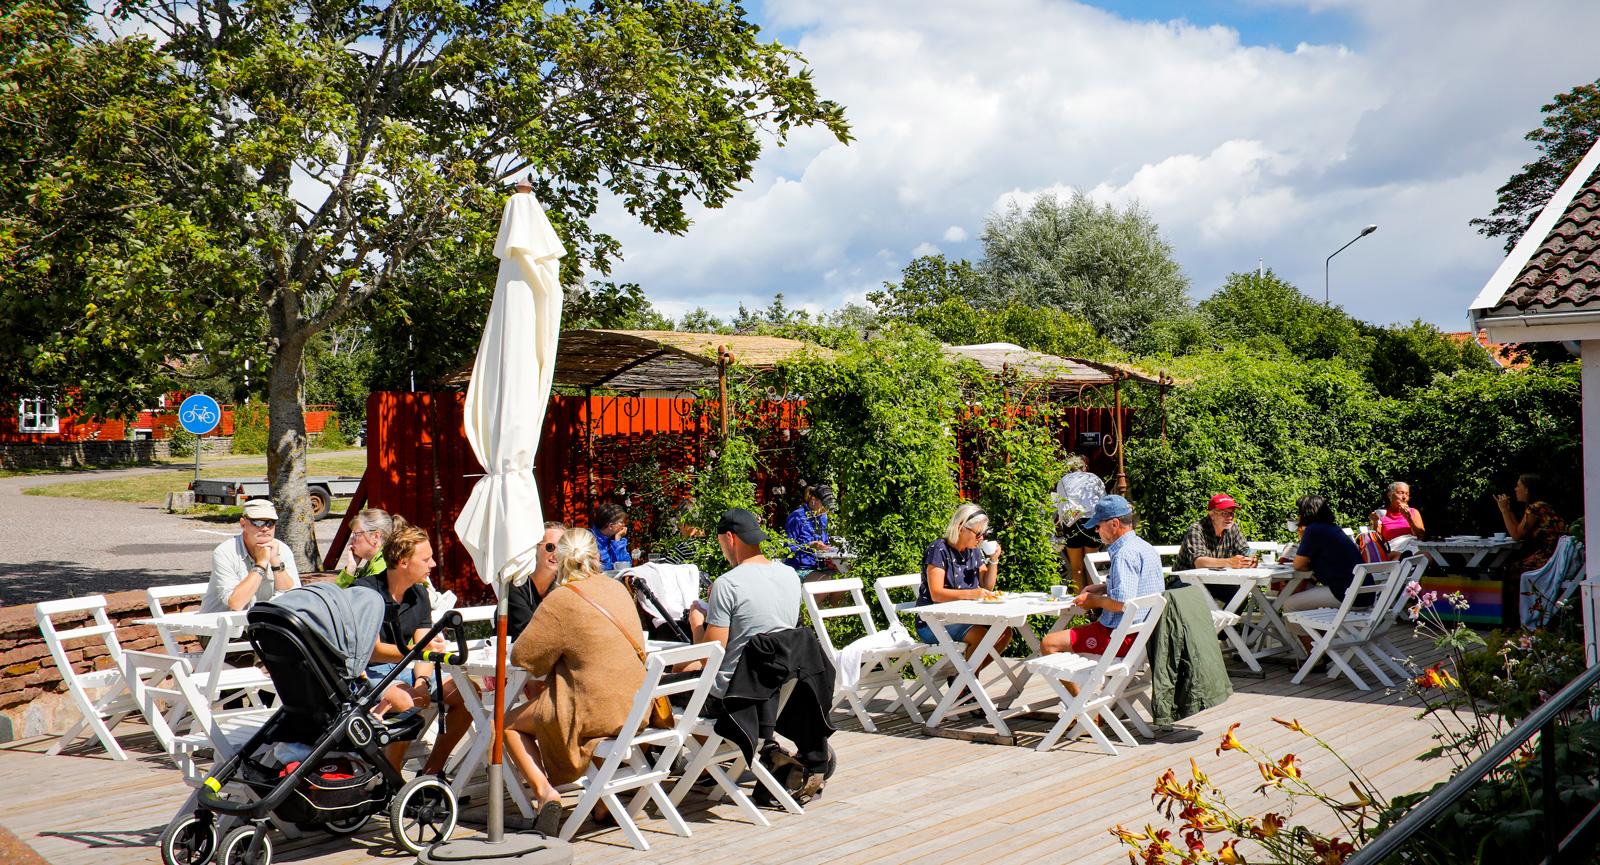 Mormors Surdegsbageri och Kaffestuga i Stora Rör på västsidan är ett måste.